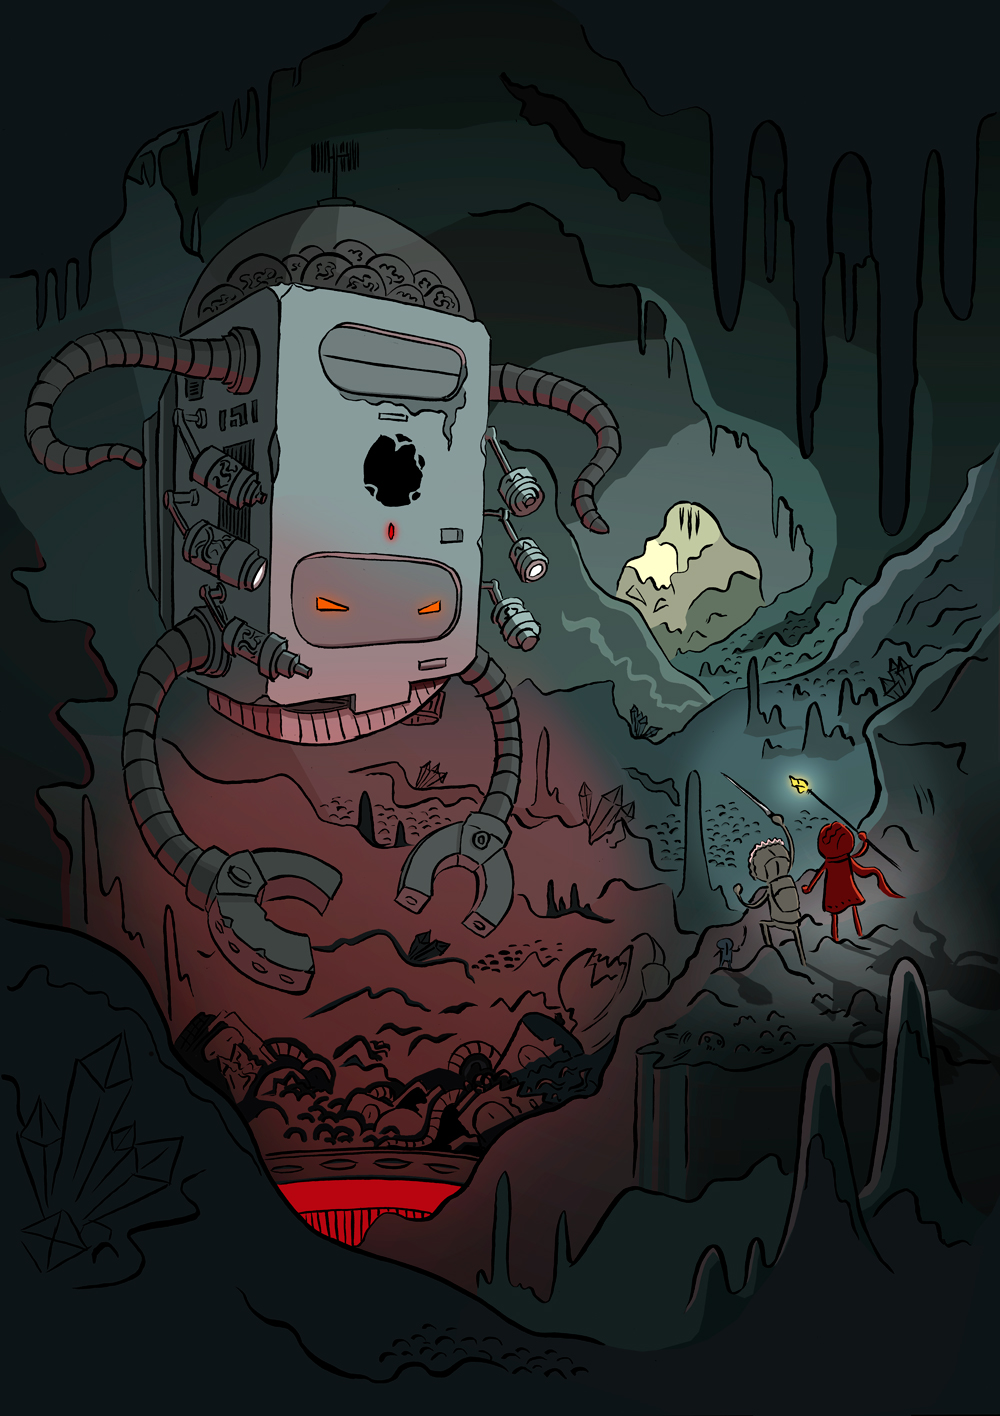 El banditobot